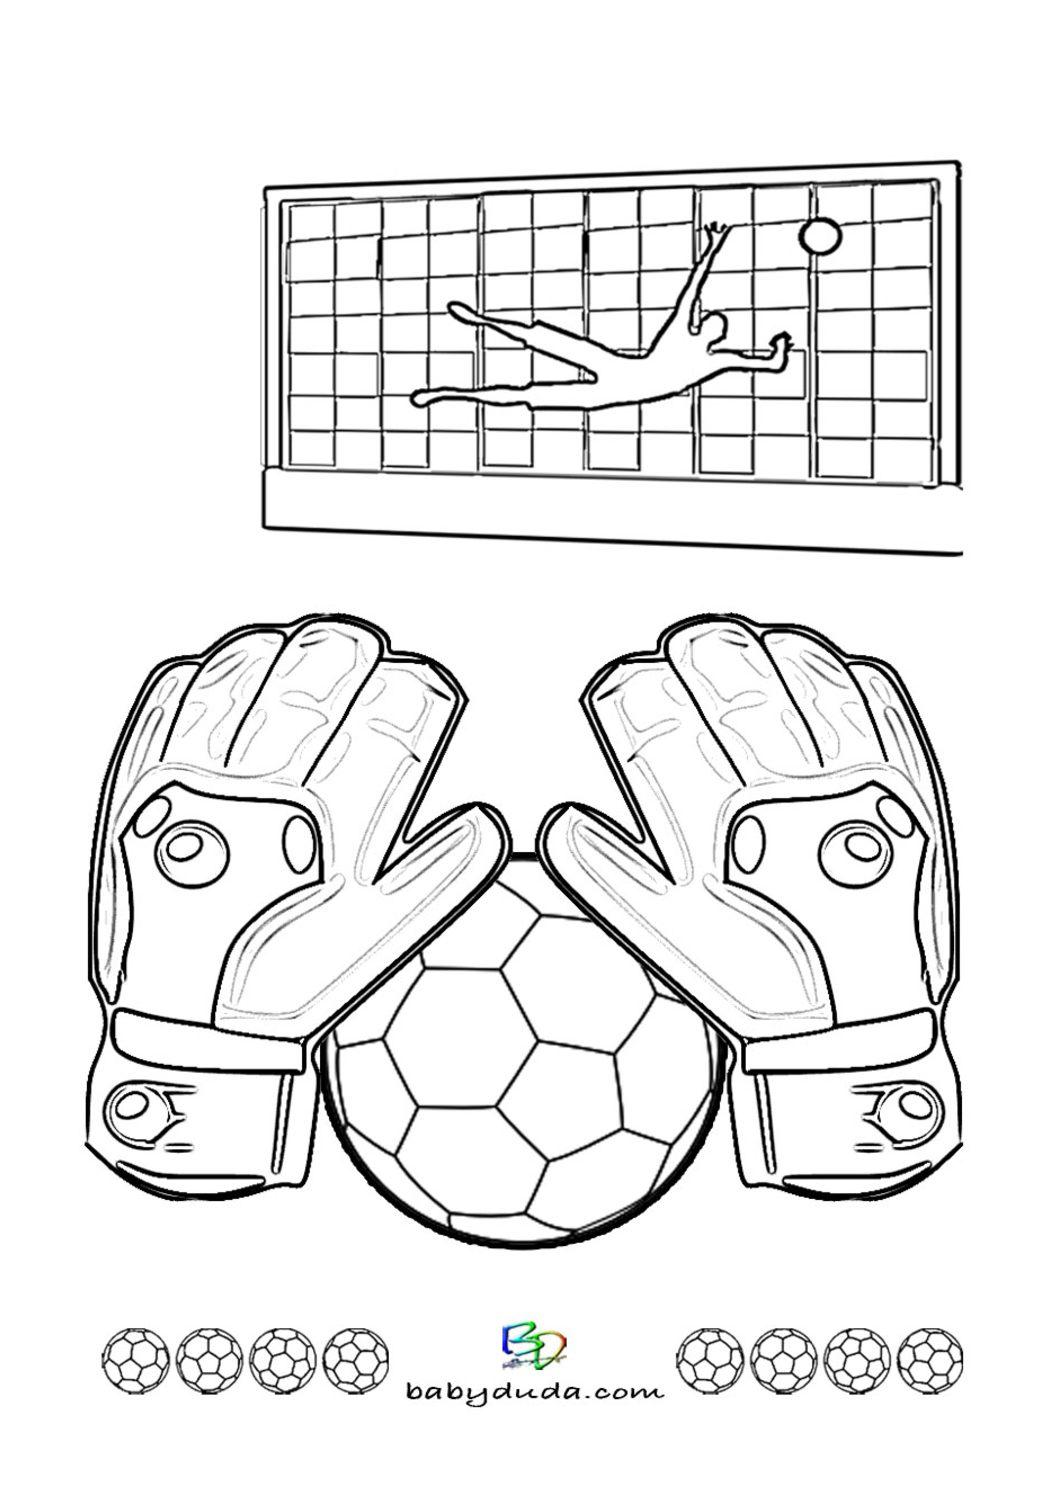 fußball ausmalbilder ⚽ spielfeld, ball & fußballfieber